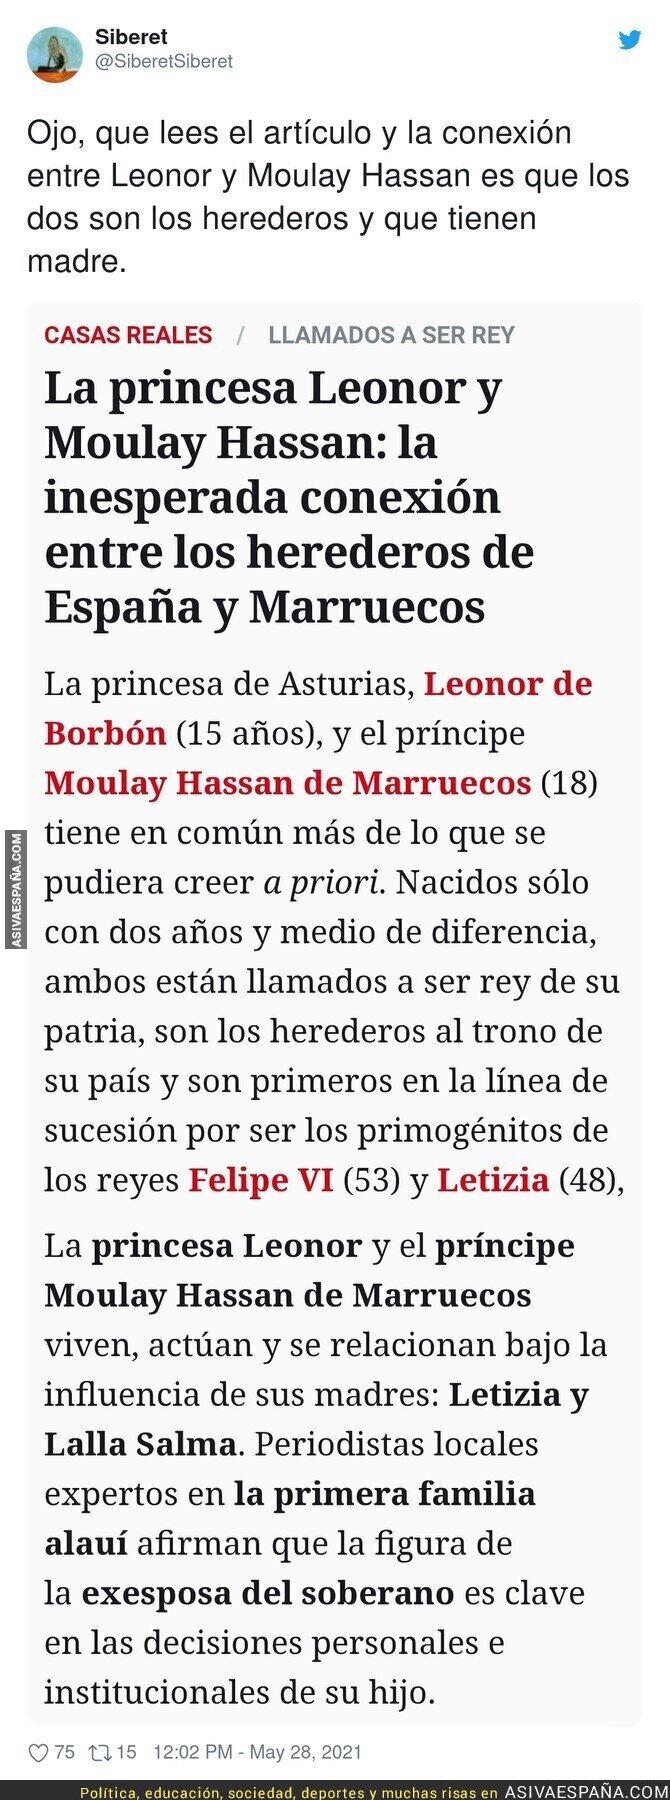 778818 - La tremenda conexión que hay entre la princesa Leonor y Moulay Hassan según este diario